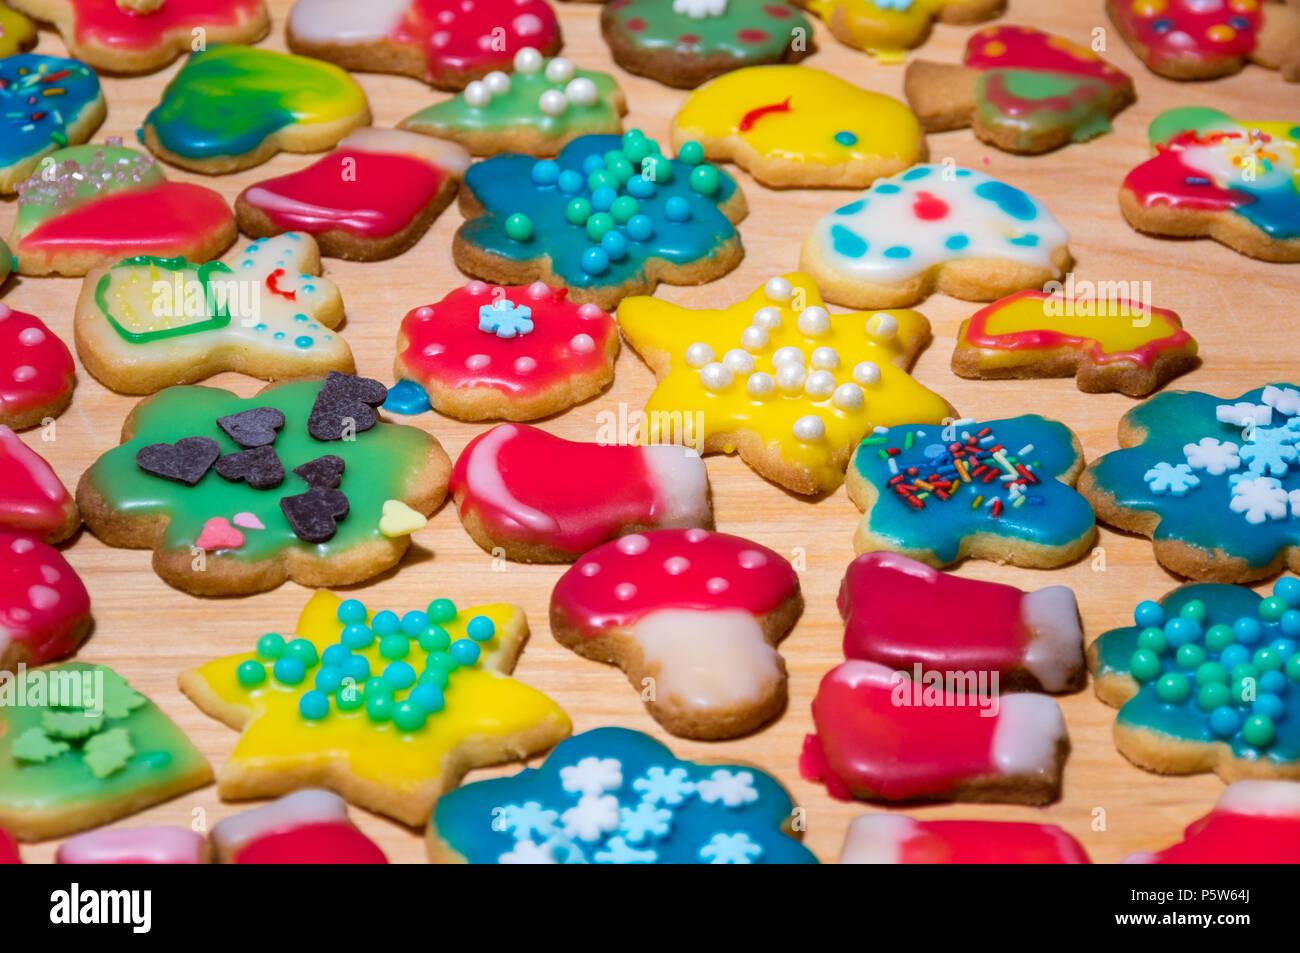 Colorful Homemade Christmas Cookies Stock Photo 210151330 Alamy